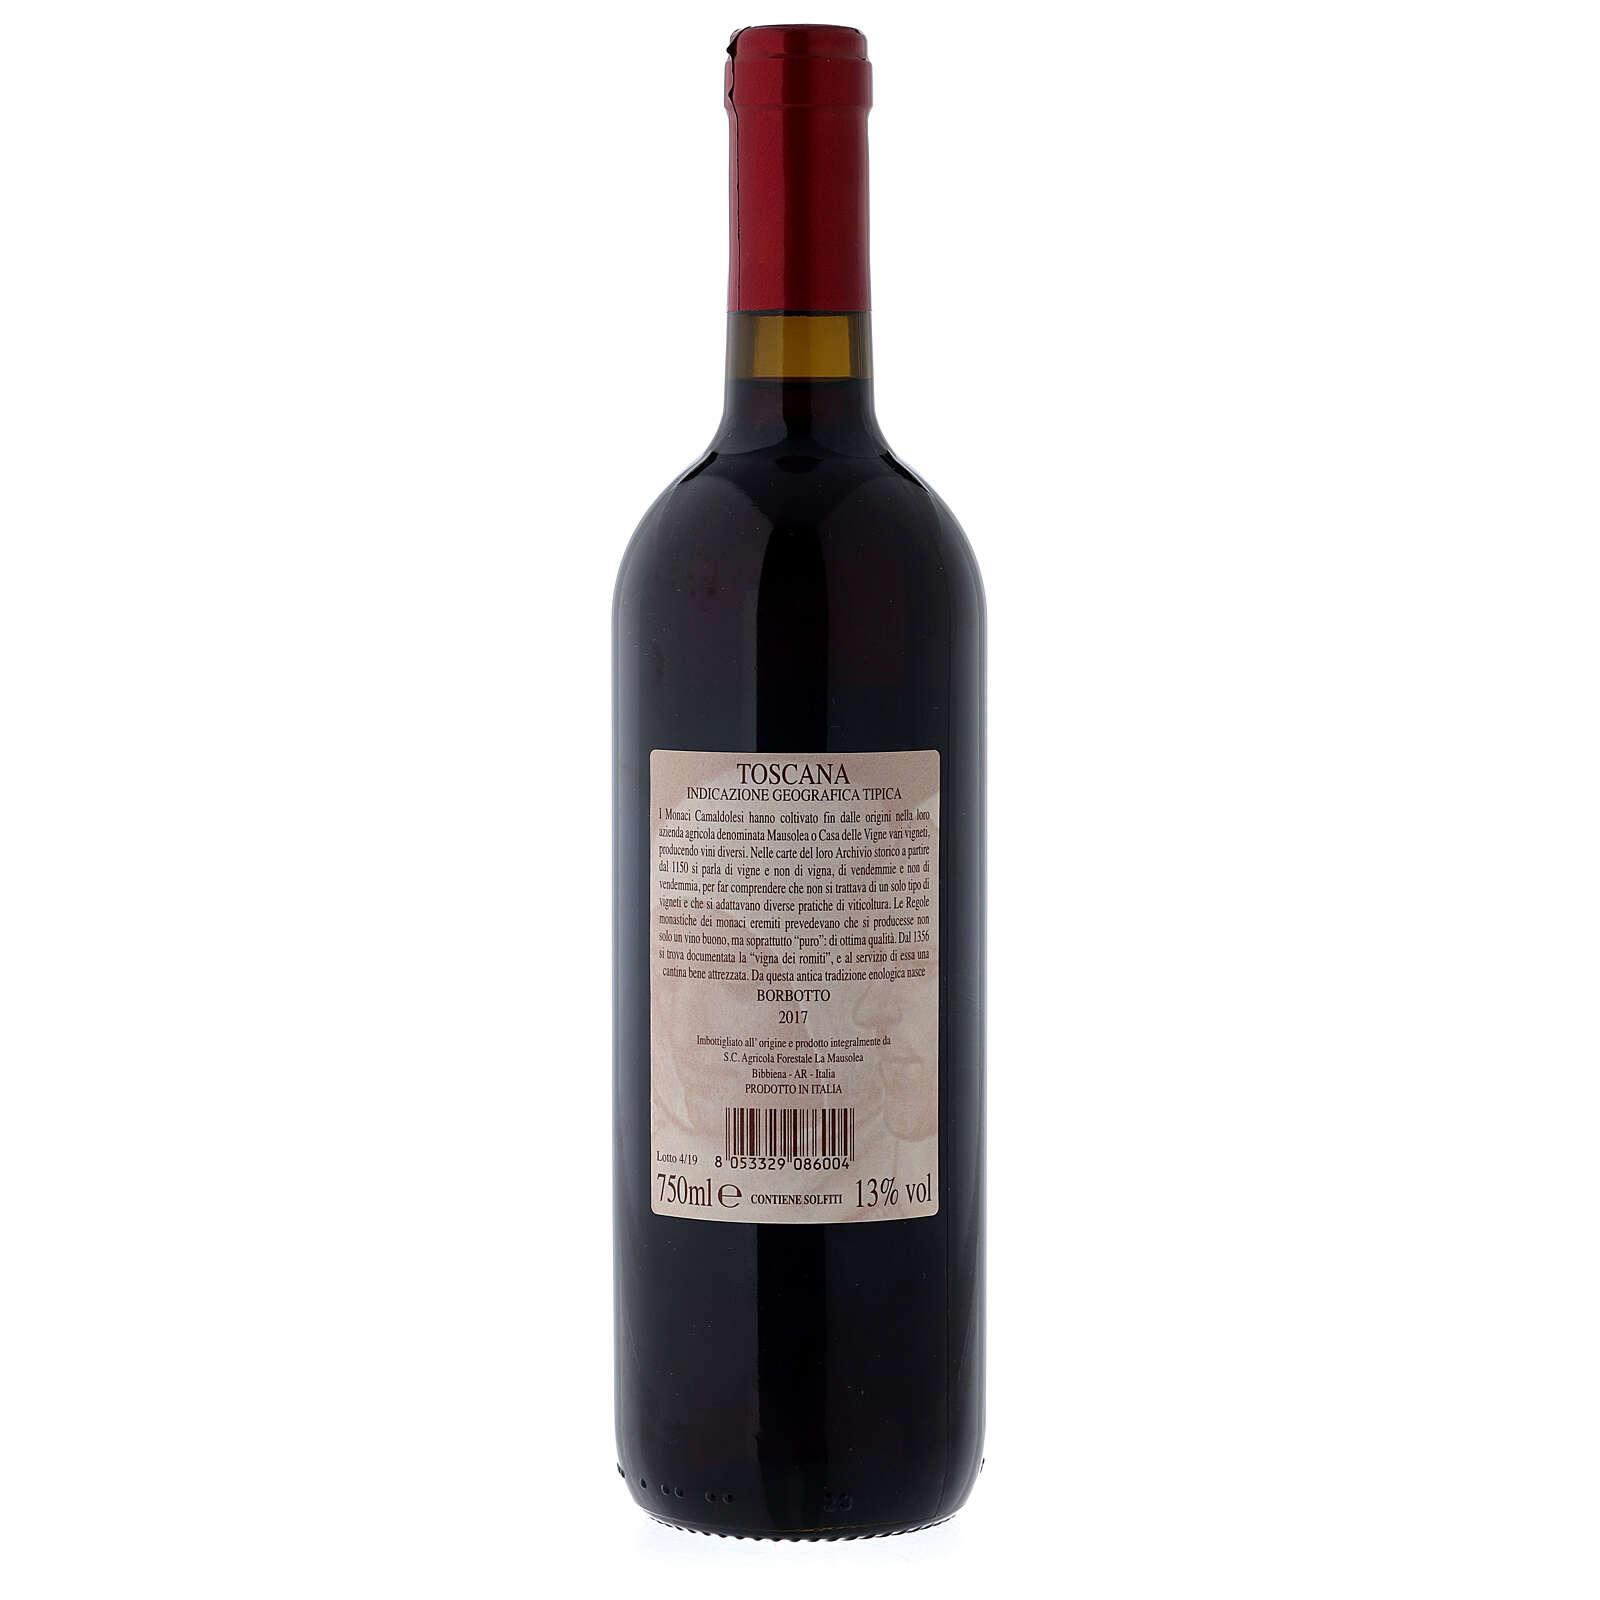 Vino tinto Toscano Borbotto 750ml 2017 3